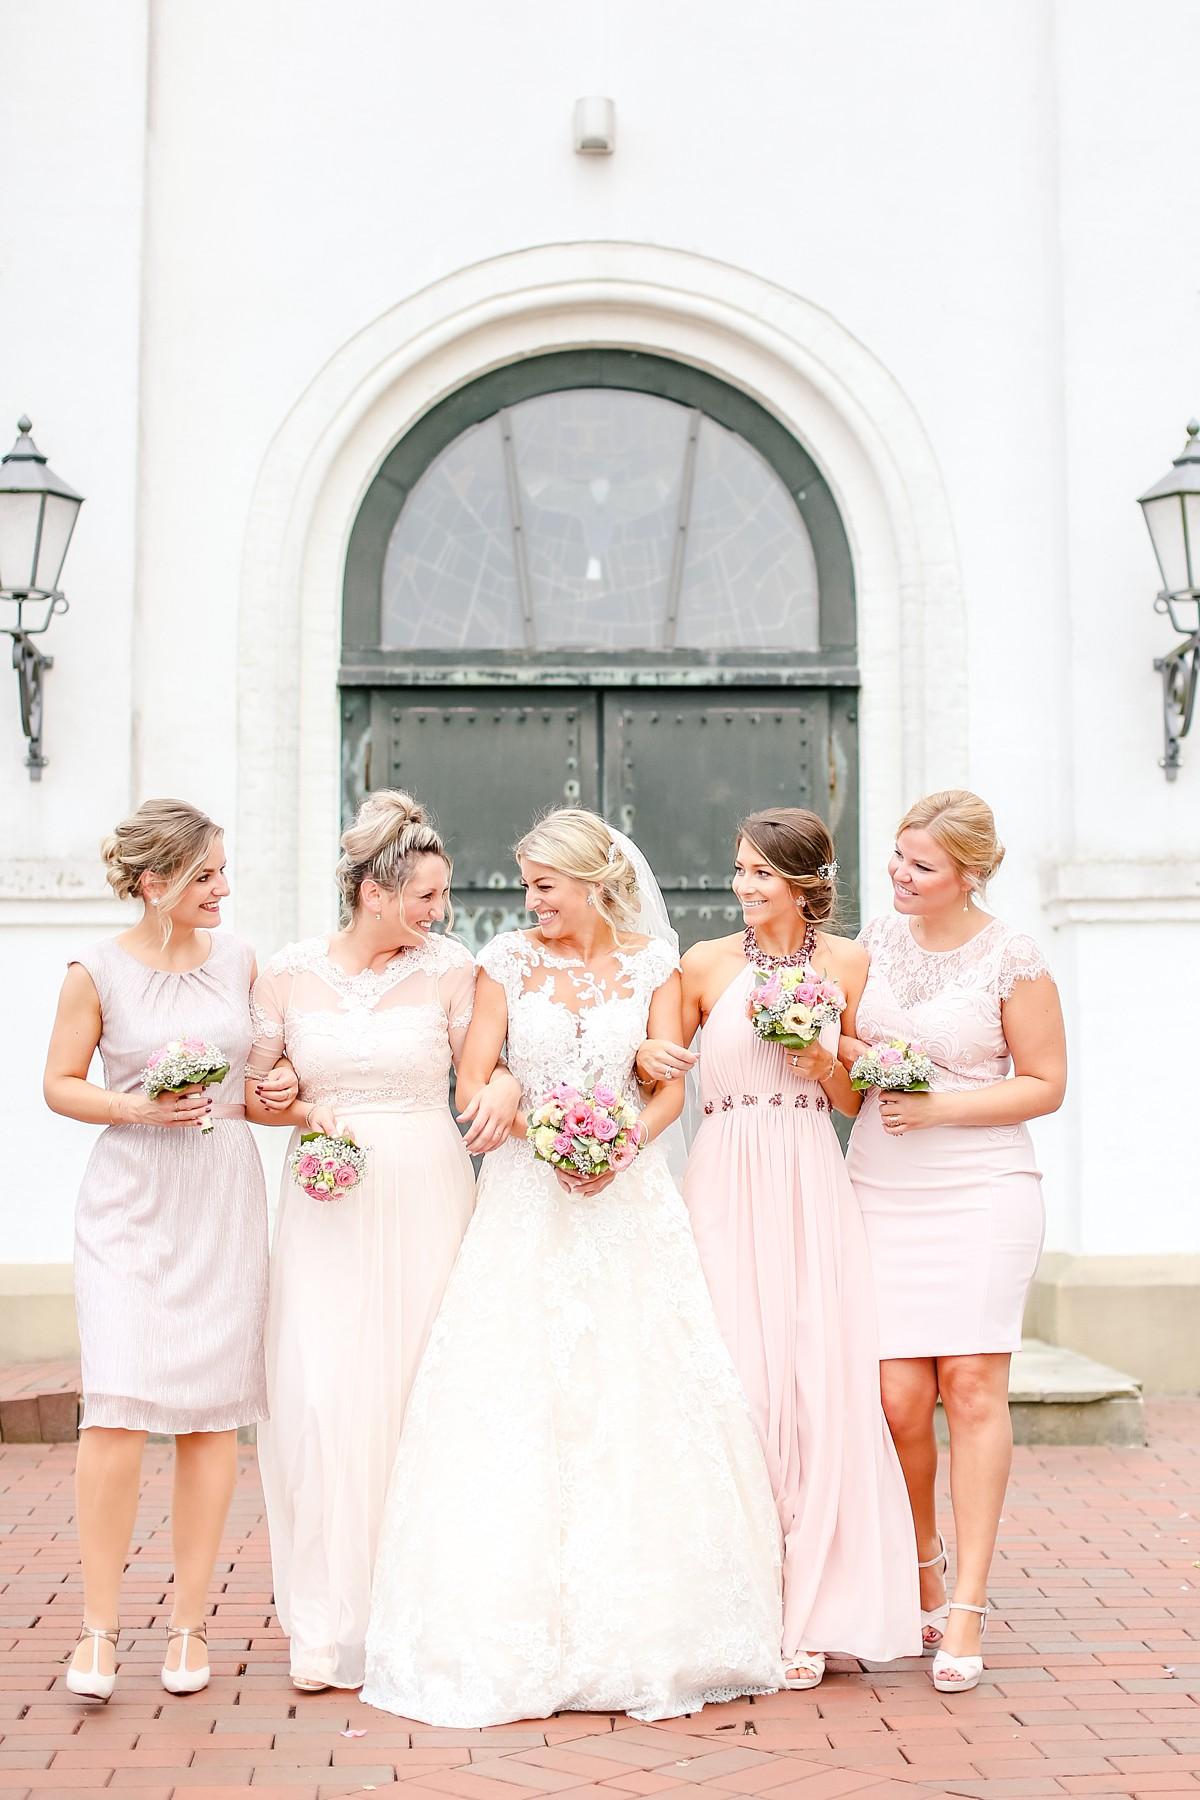 Hochzeitsfotograf-Herford-van-Laer-Fotograf-Hochzeit-Nrw_0066